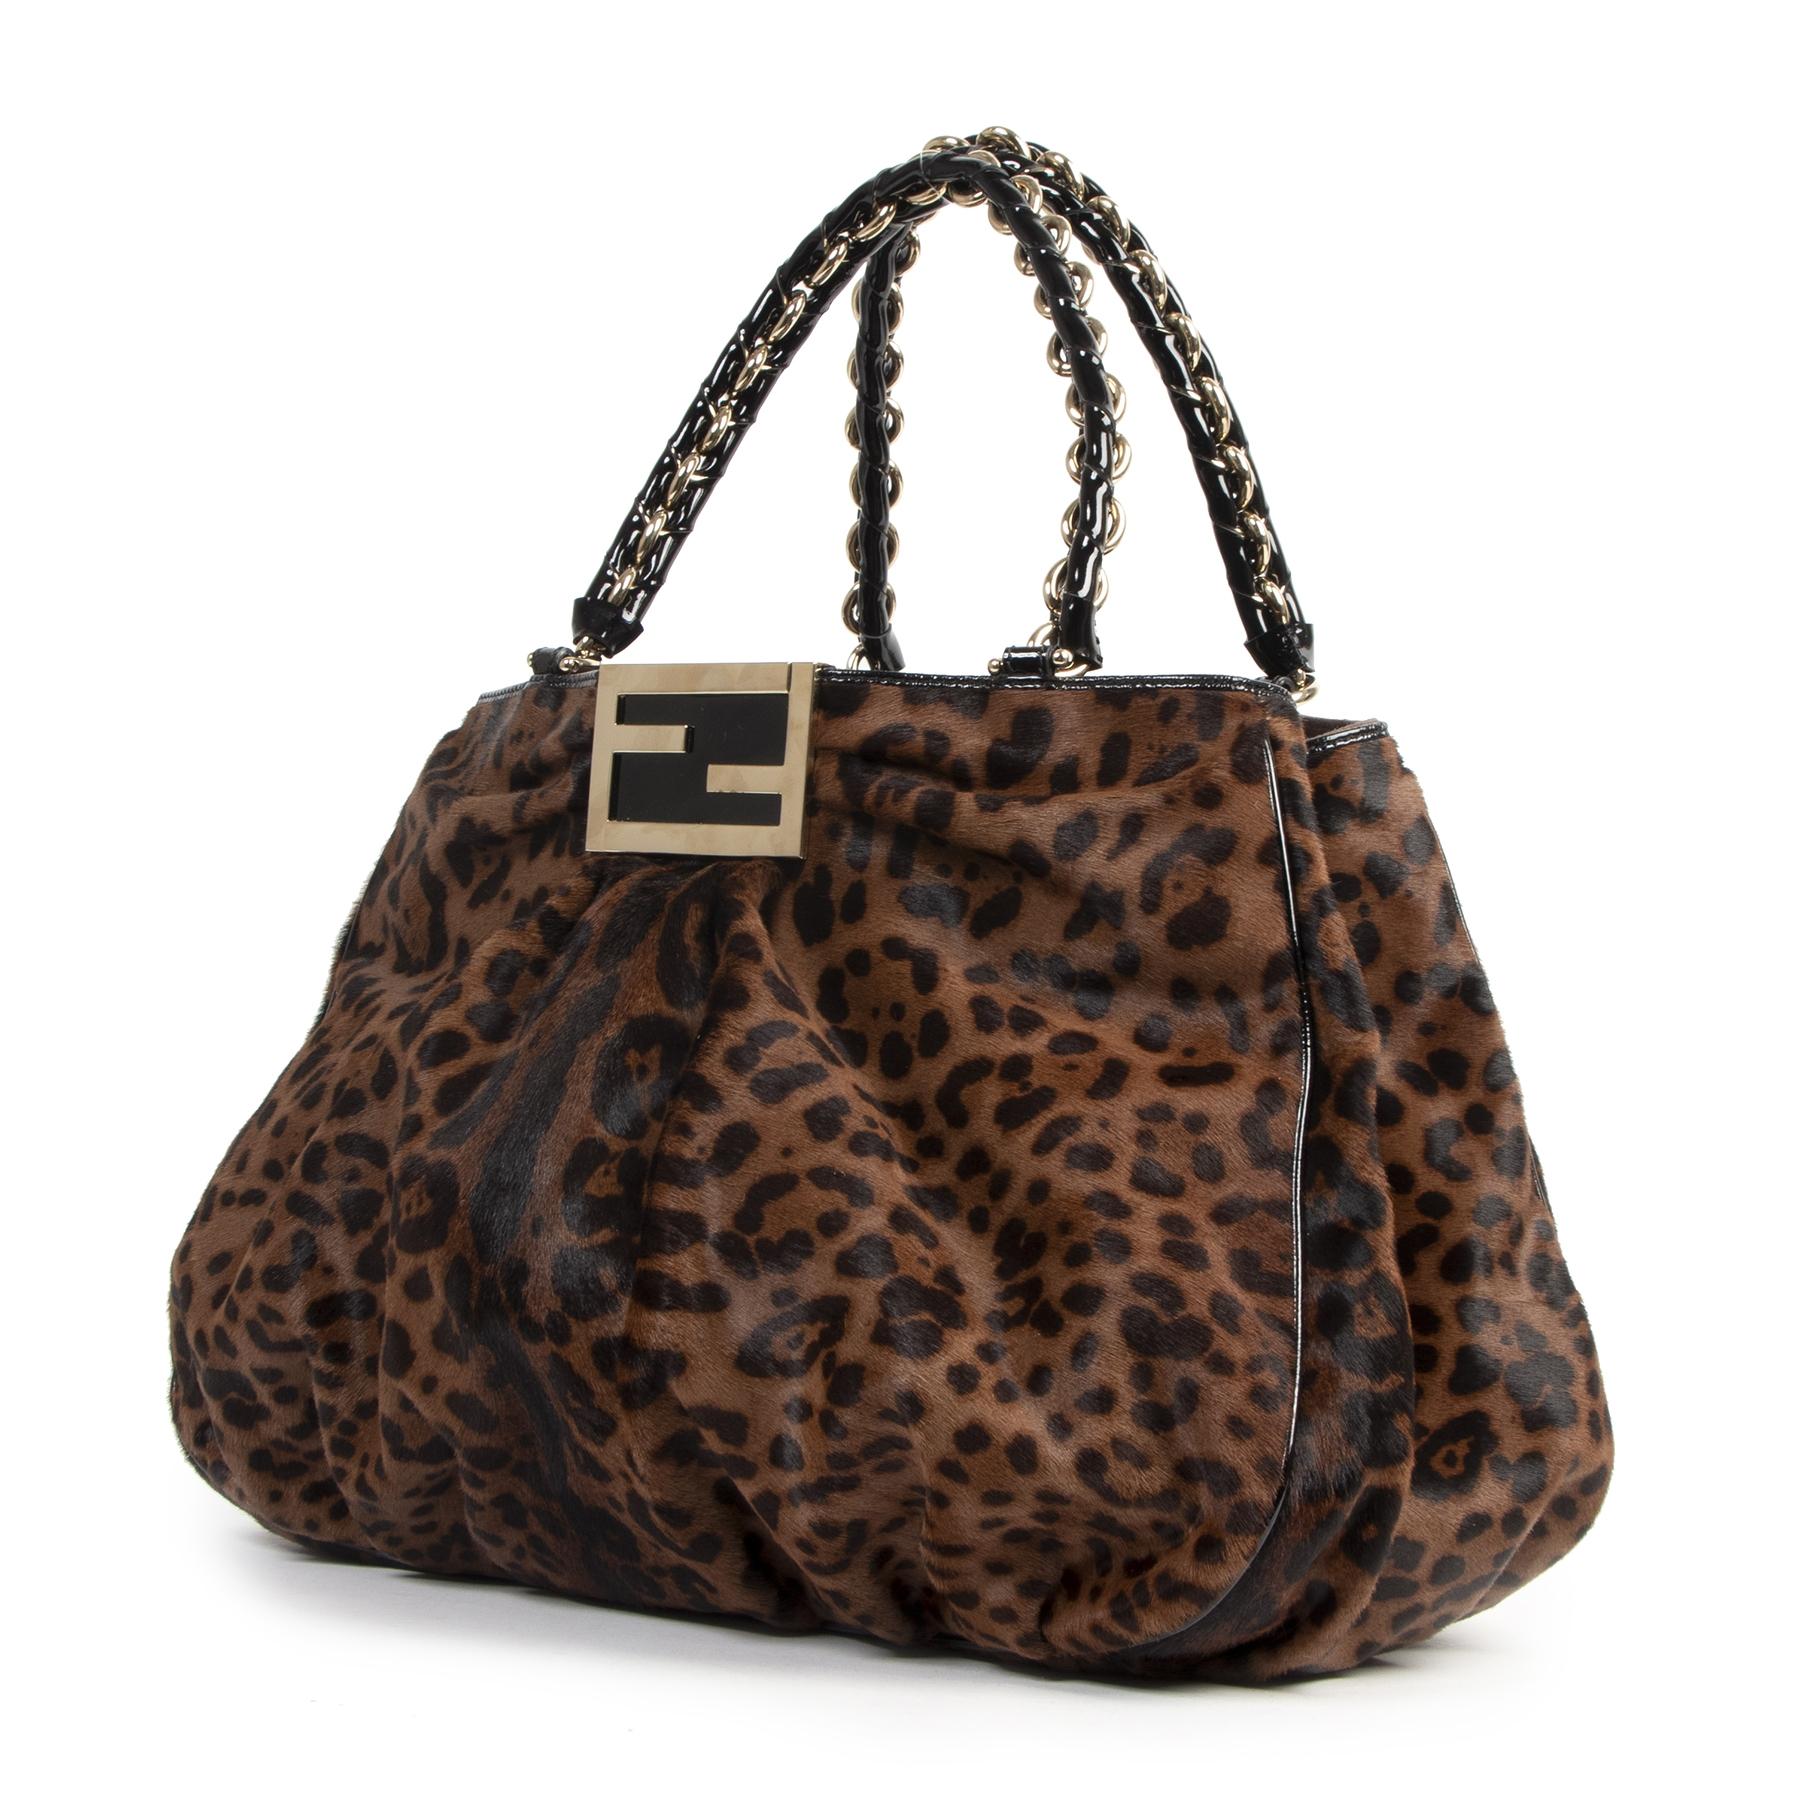 Authentieke Tweedehands Fendi Leopard Print Ponyhair Patent Leather Tote juiste prijs veilig online shoppen luxe merken webshop winkelen Antwerpen België mode fashion